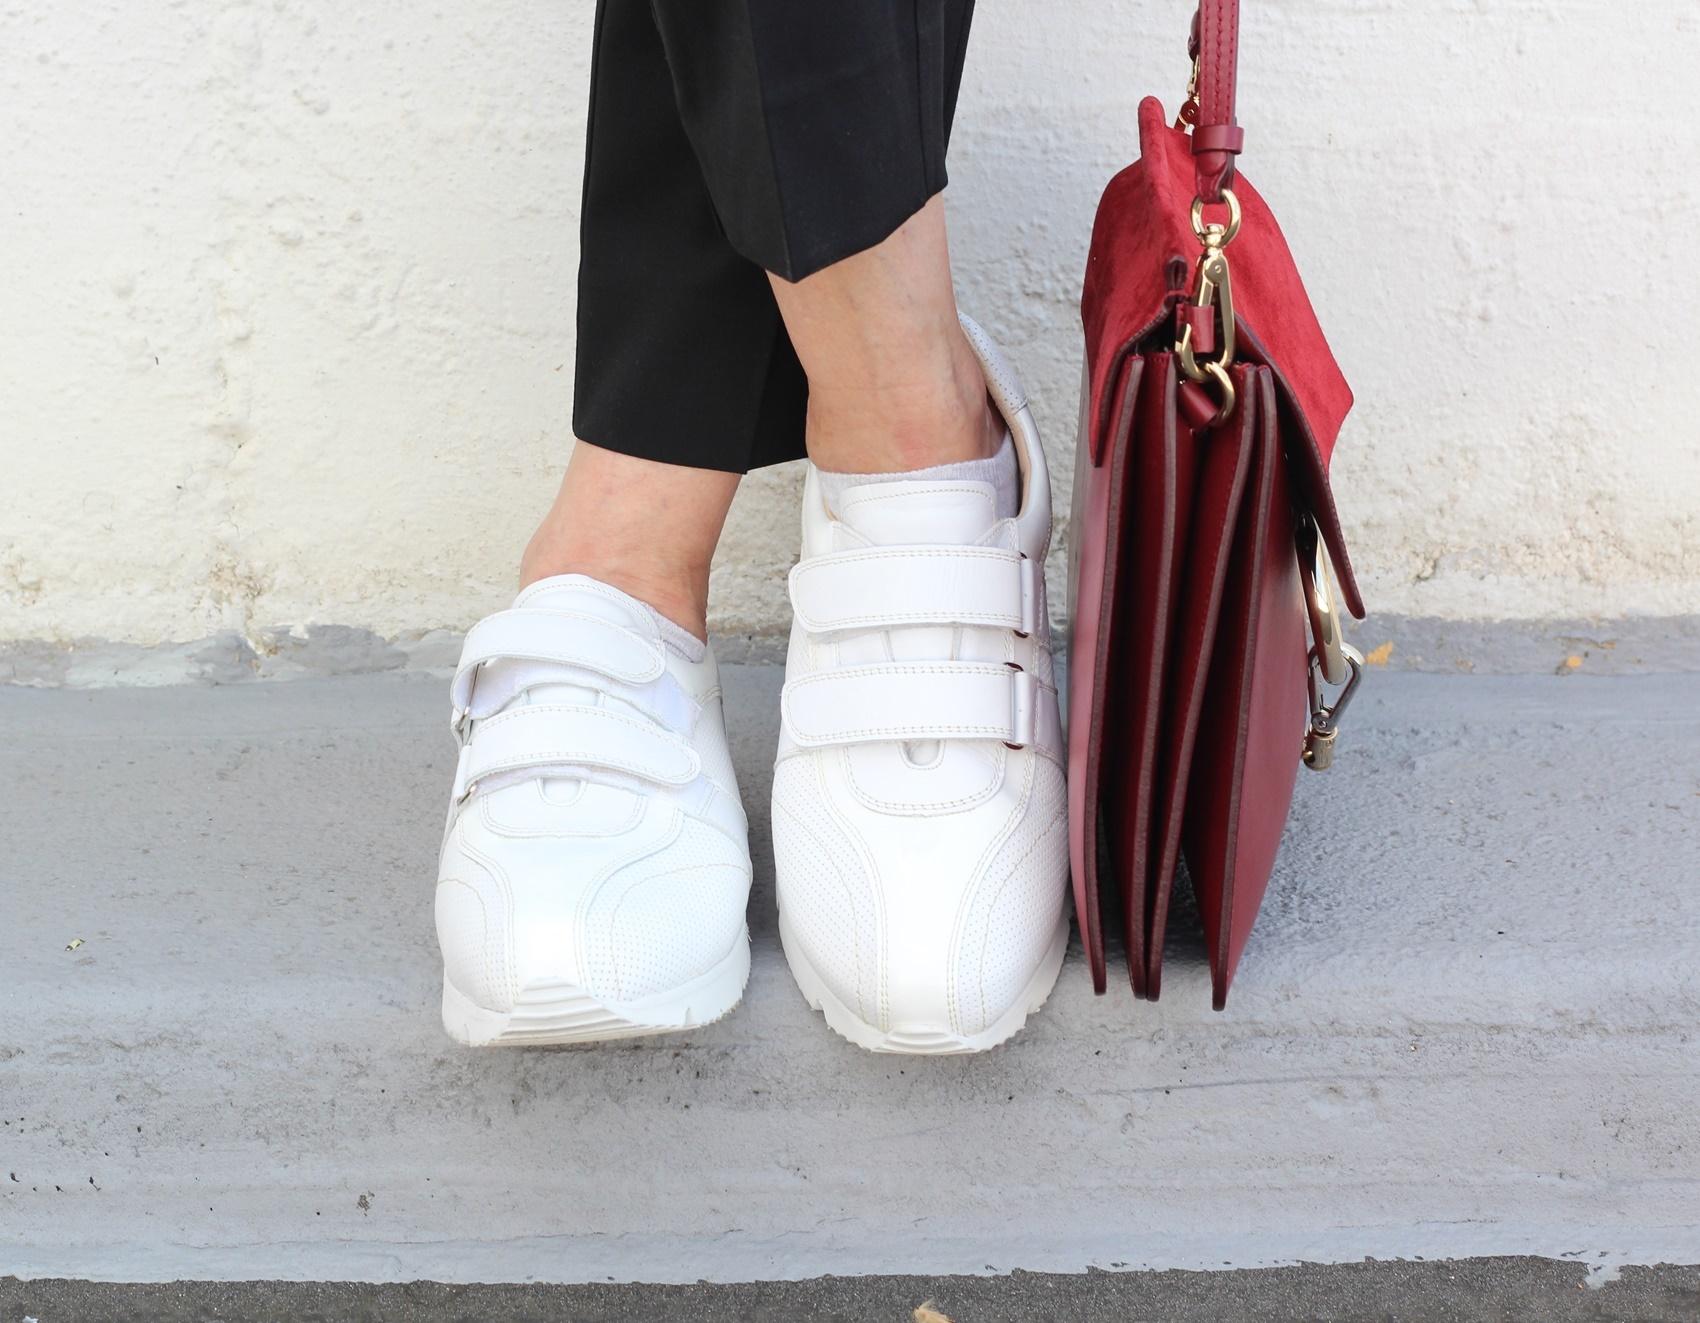 glamupyourlifestyle bequeme-schuhe Problemfüsse hallux-valgus sneaker-büro ü-40-blog ü-50-blog ue-40-mode